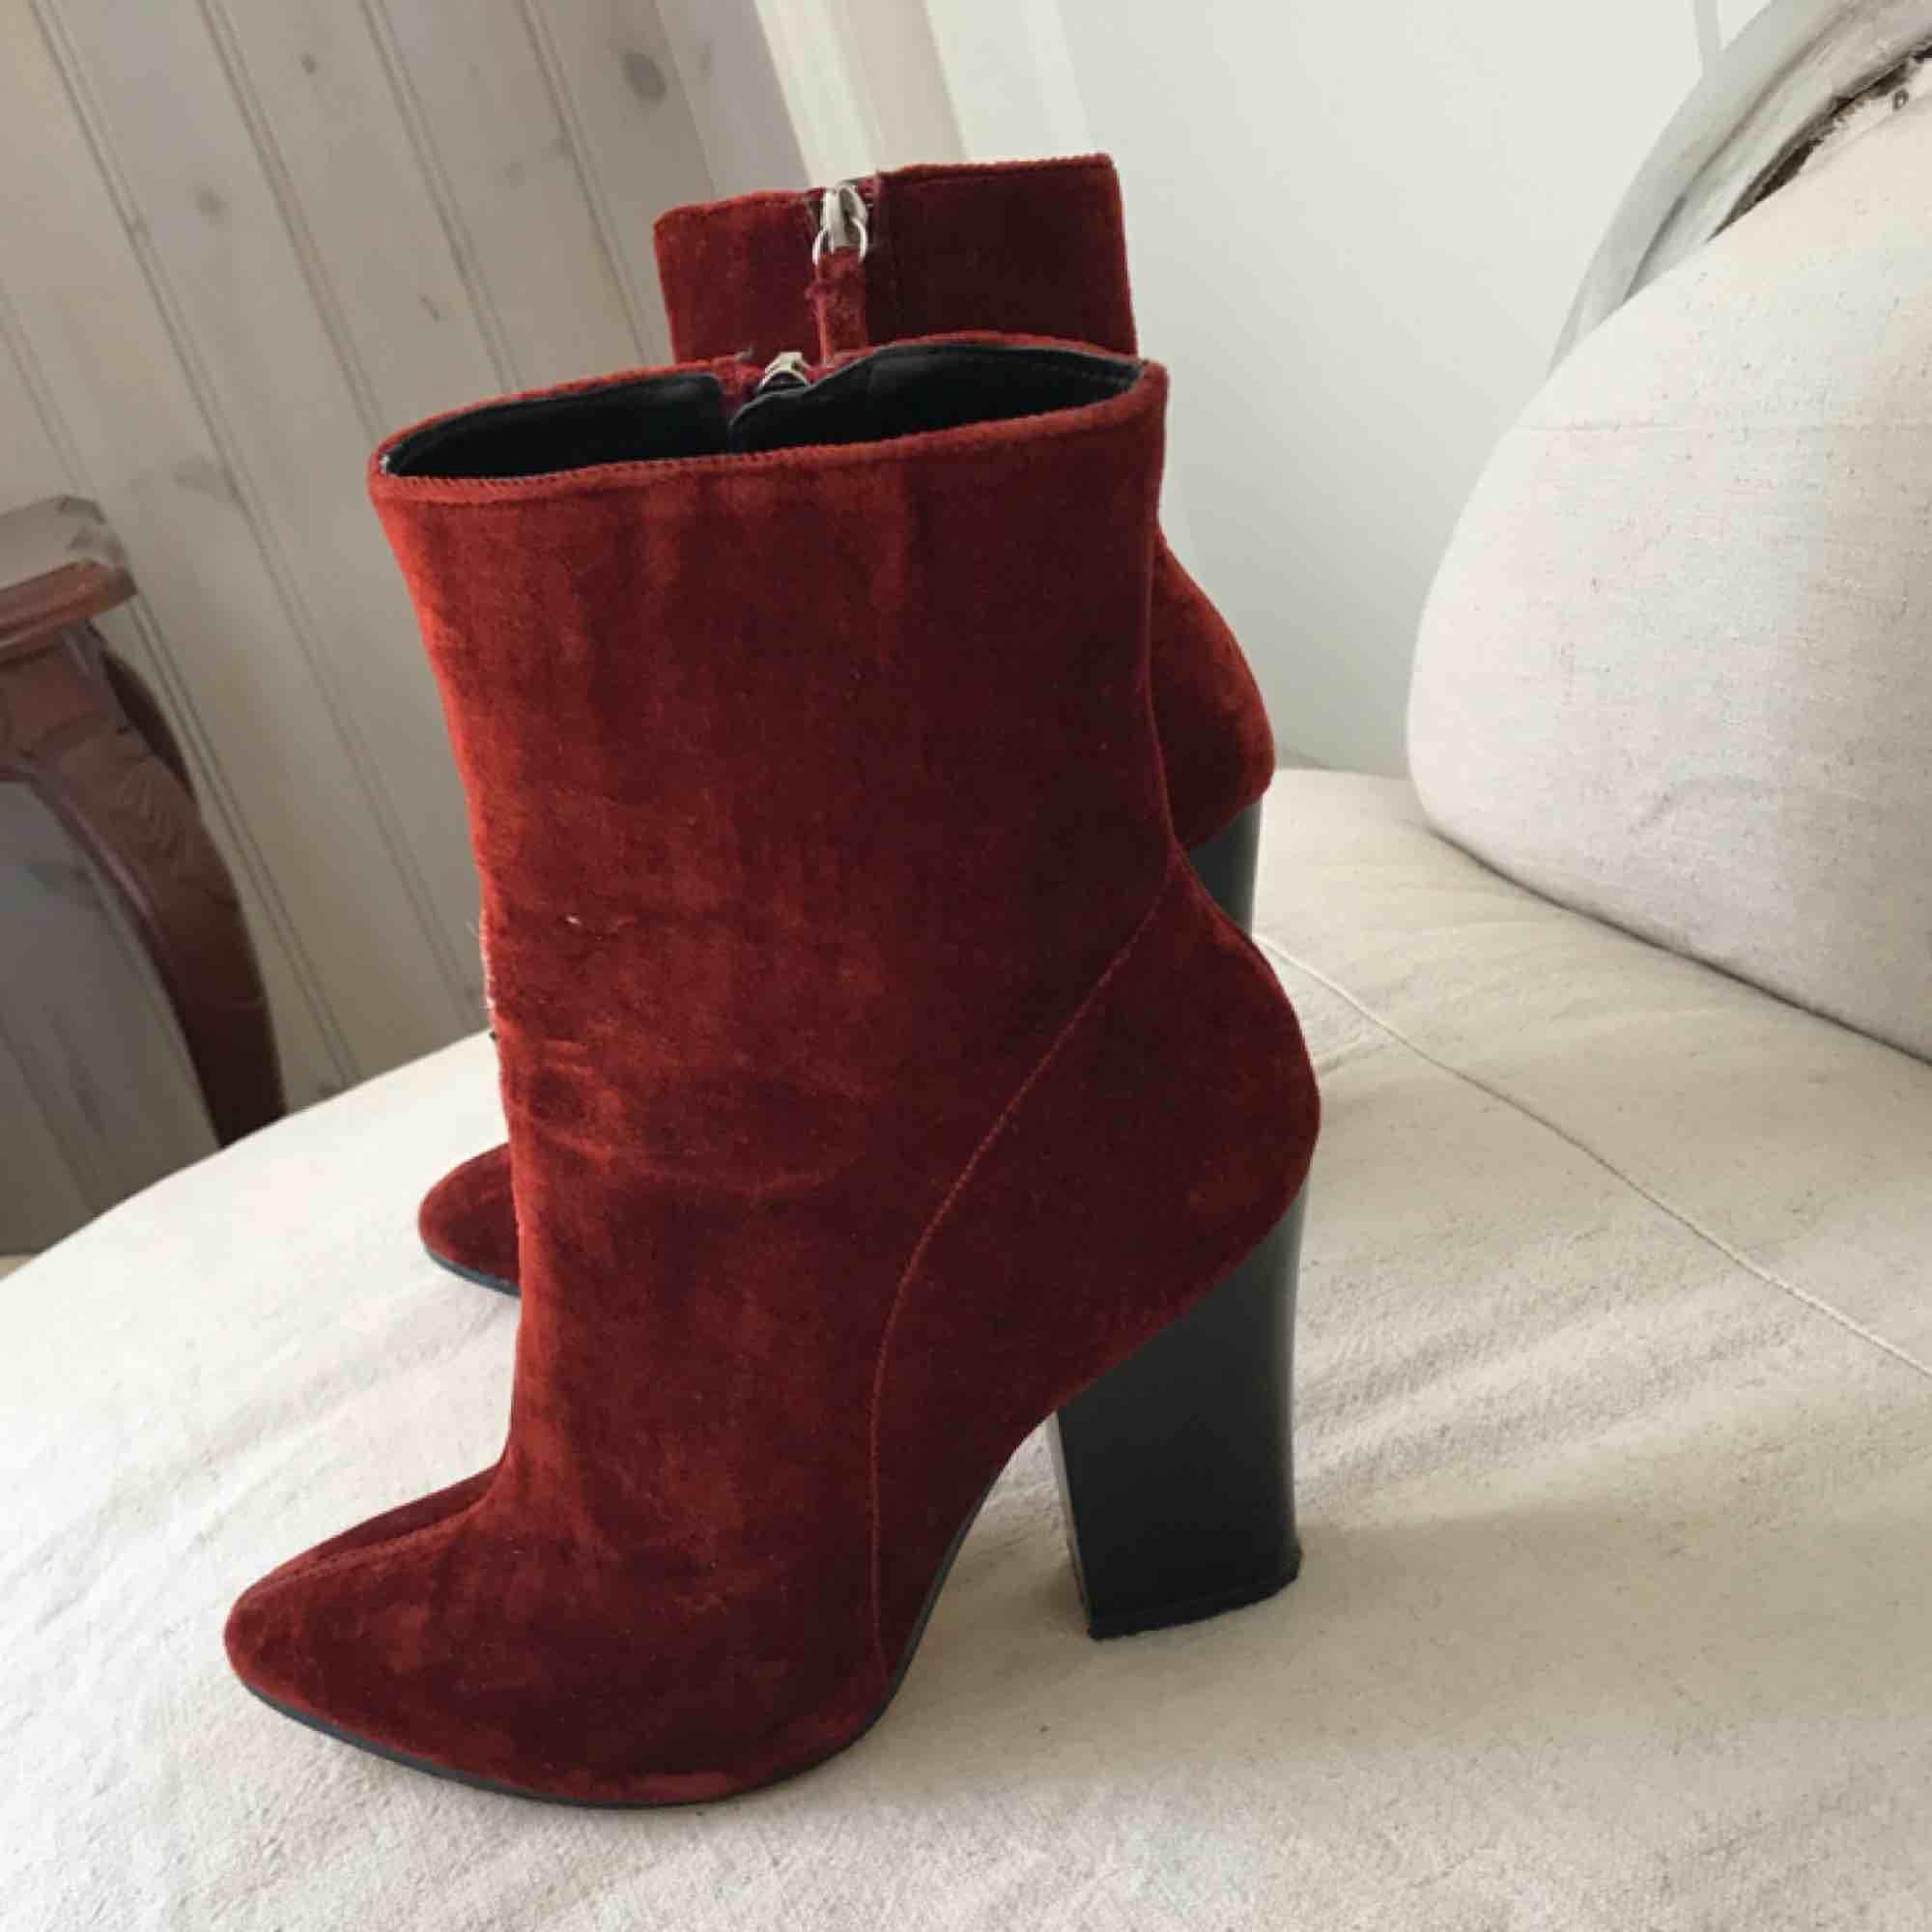 ... Coola och sköna klackar i sammet burgundy från Zara. I använt skick 908eab7a9fbe9